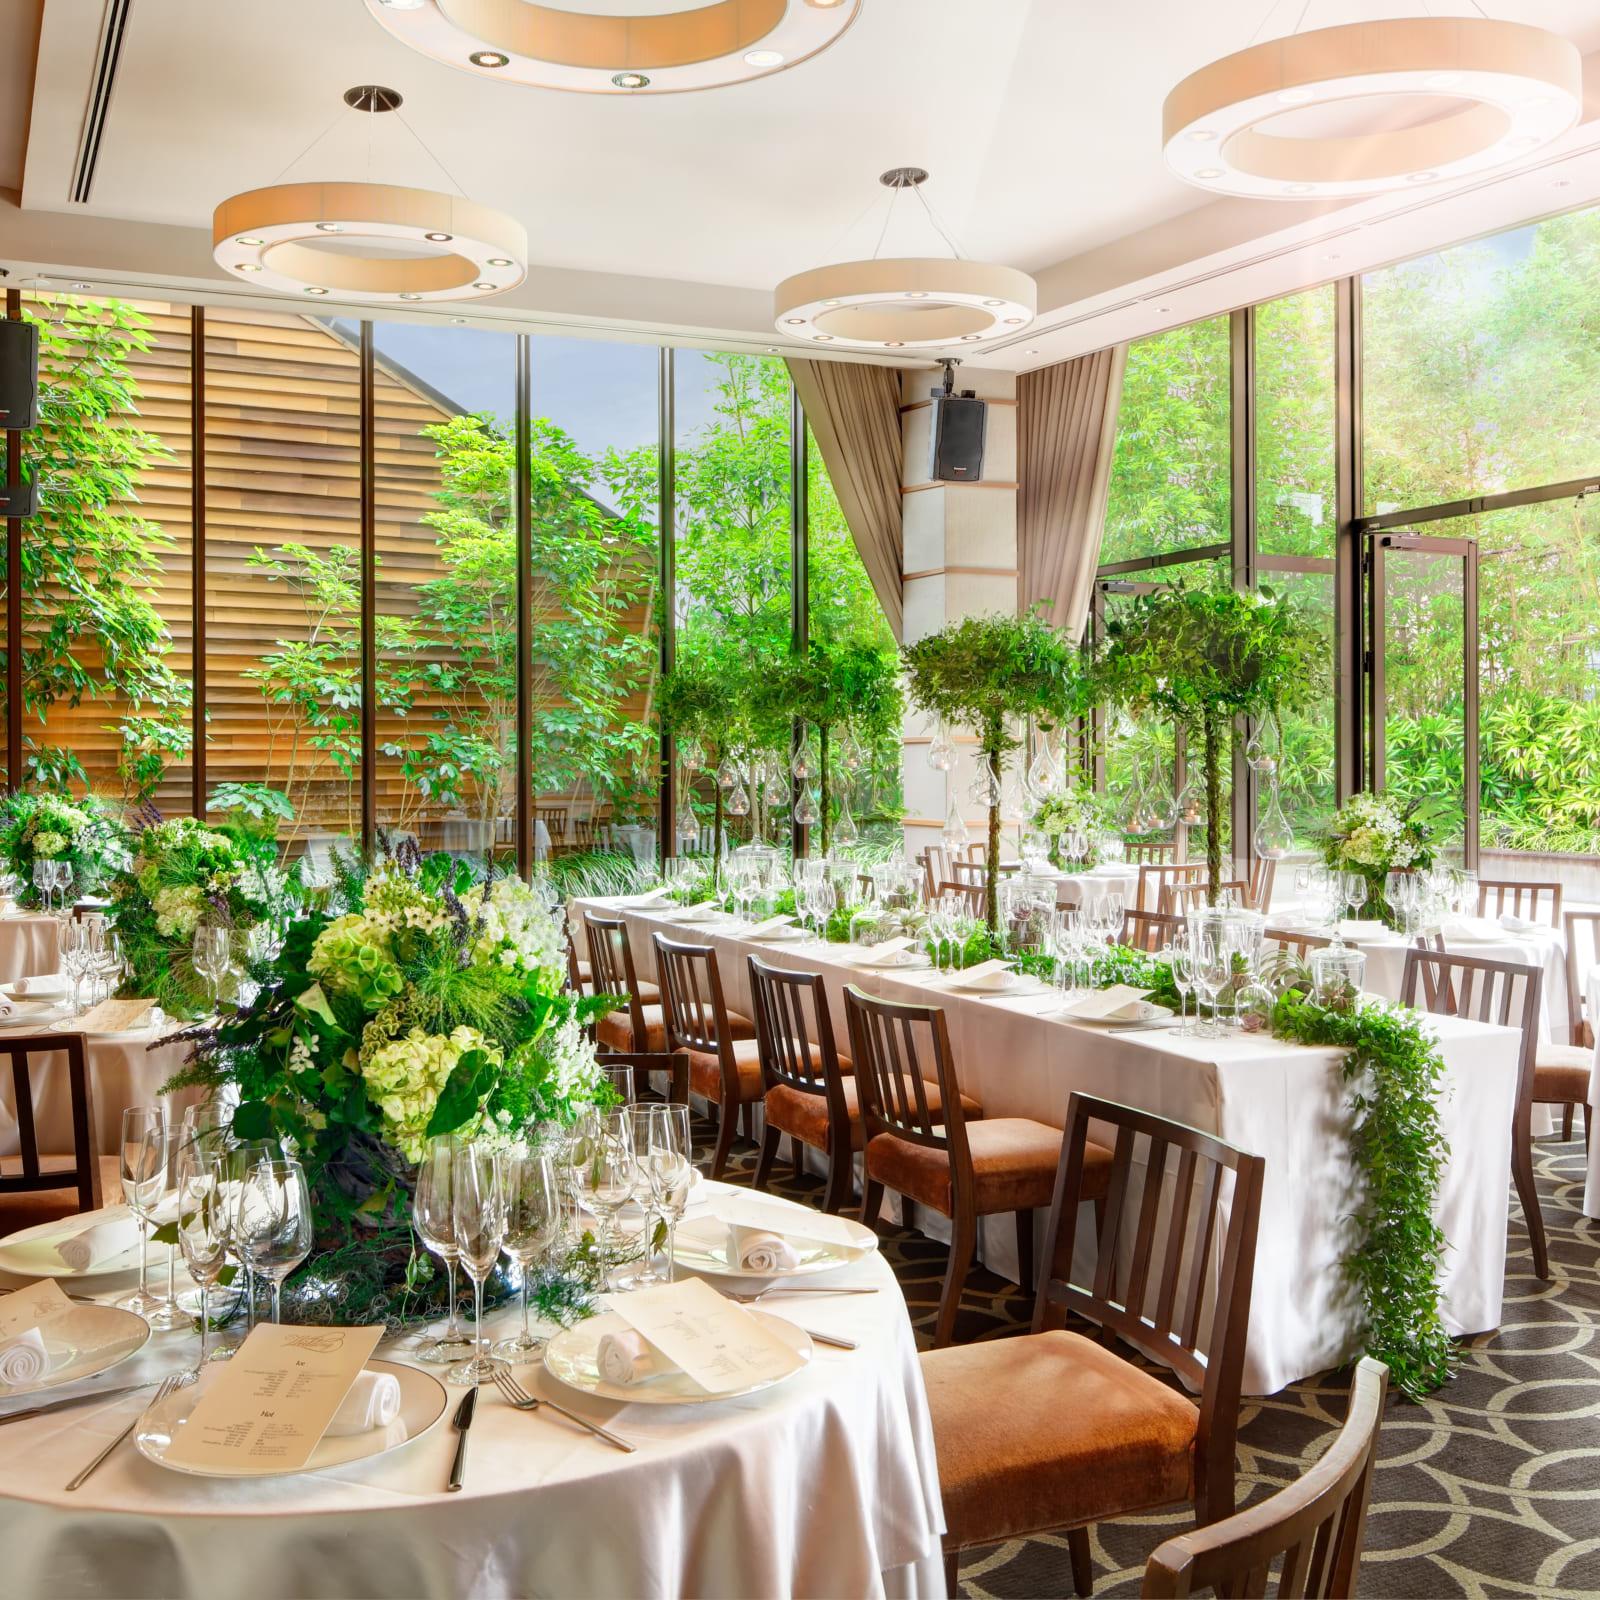 天井までとどく窓の外に、緑に囲まれたプライベートテラスが広がる独立型バンケット